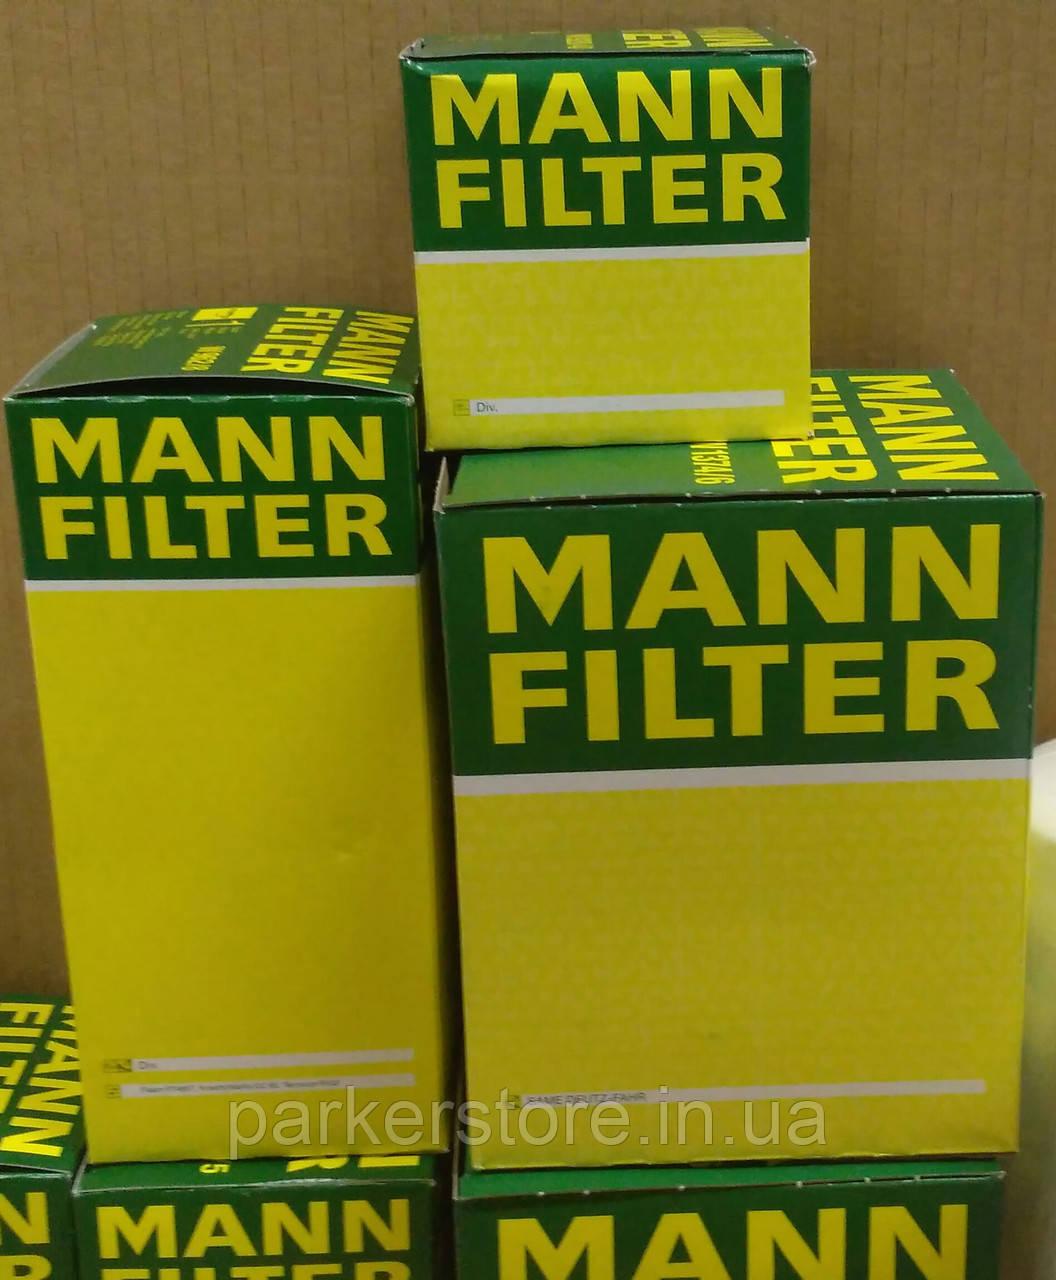 MANN FILTER / Воздушный фильтр / C 3318 / C3318